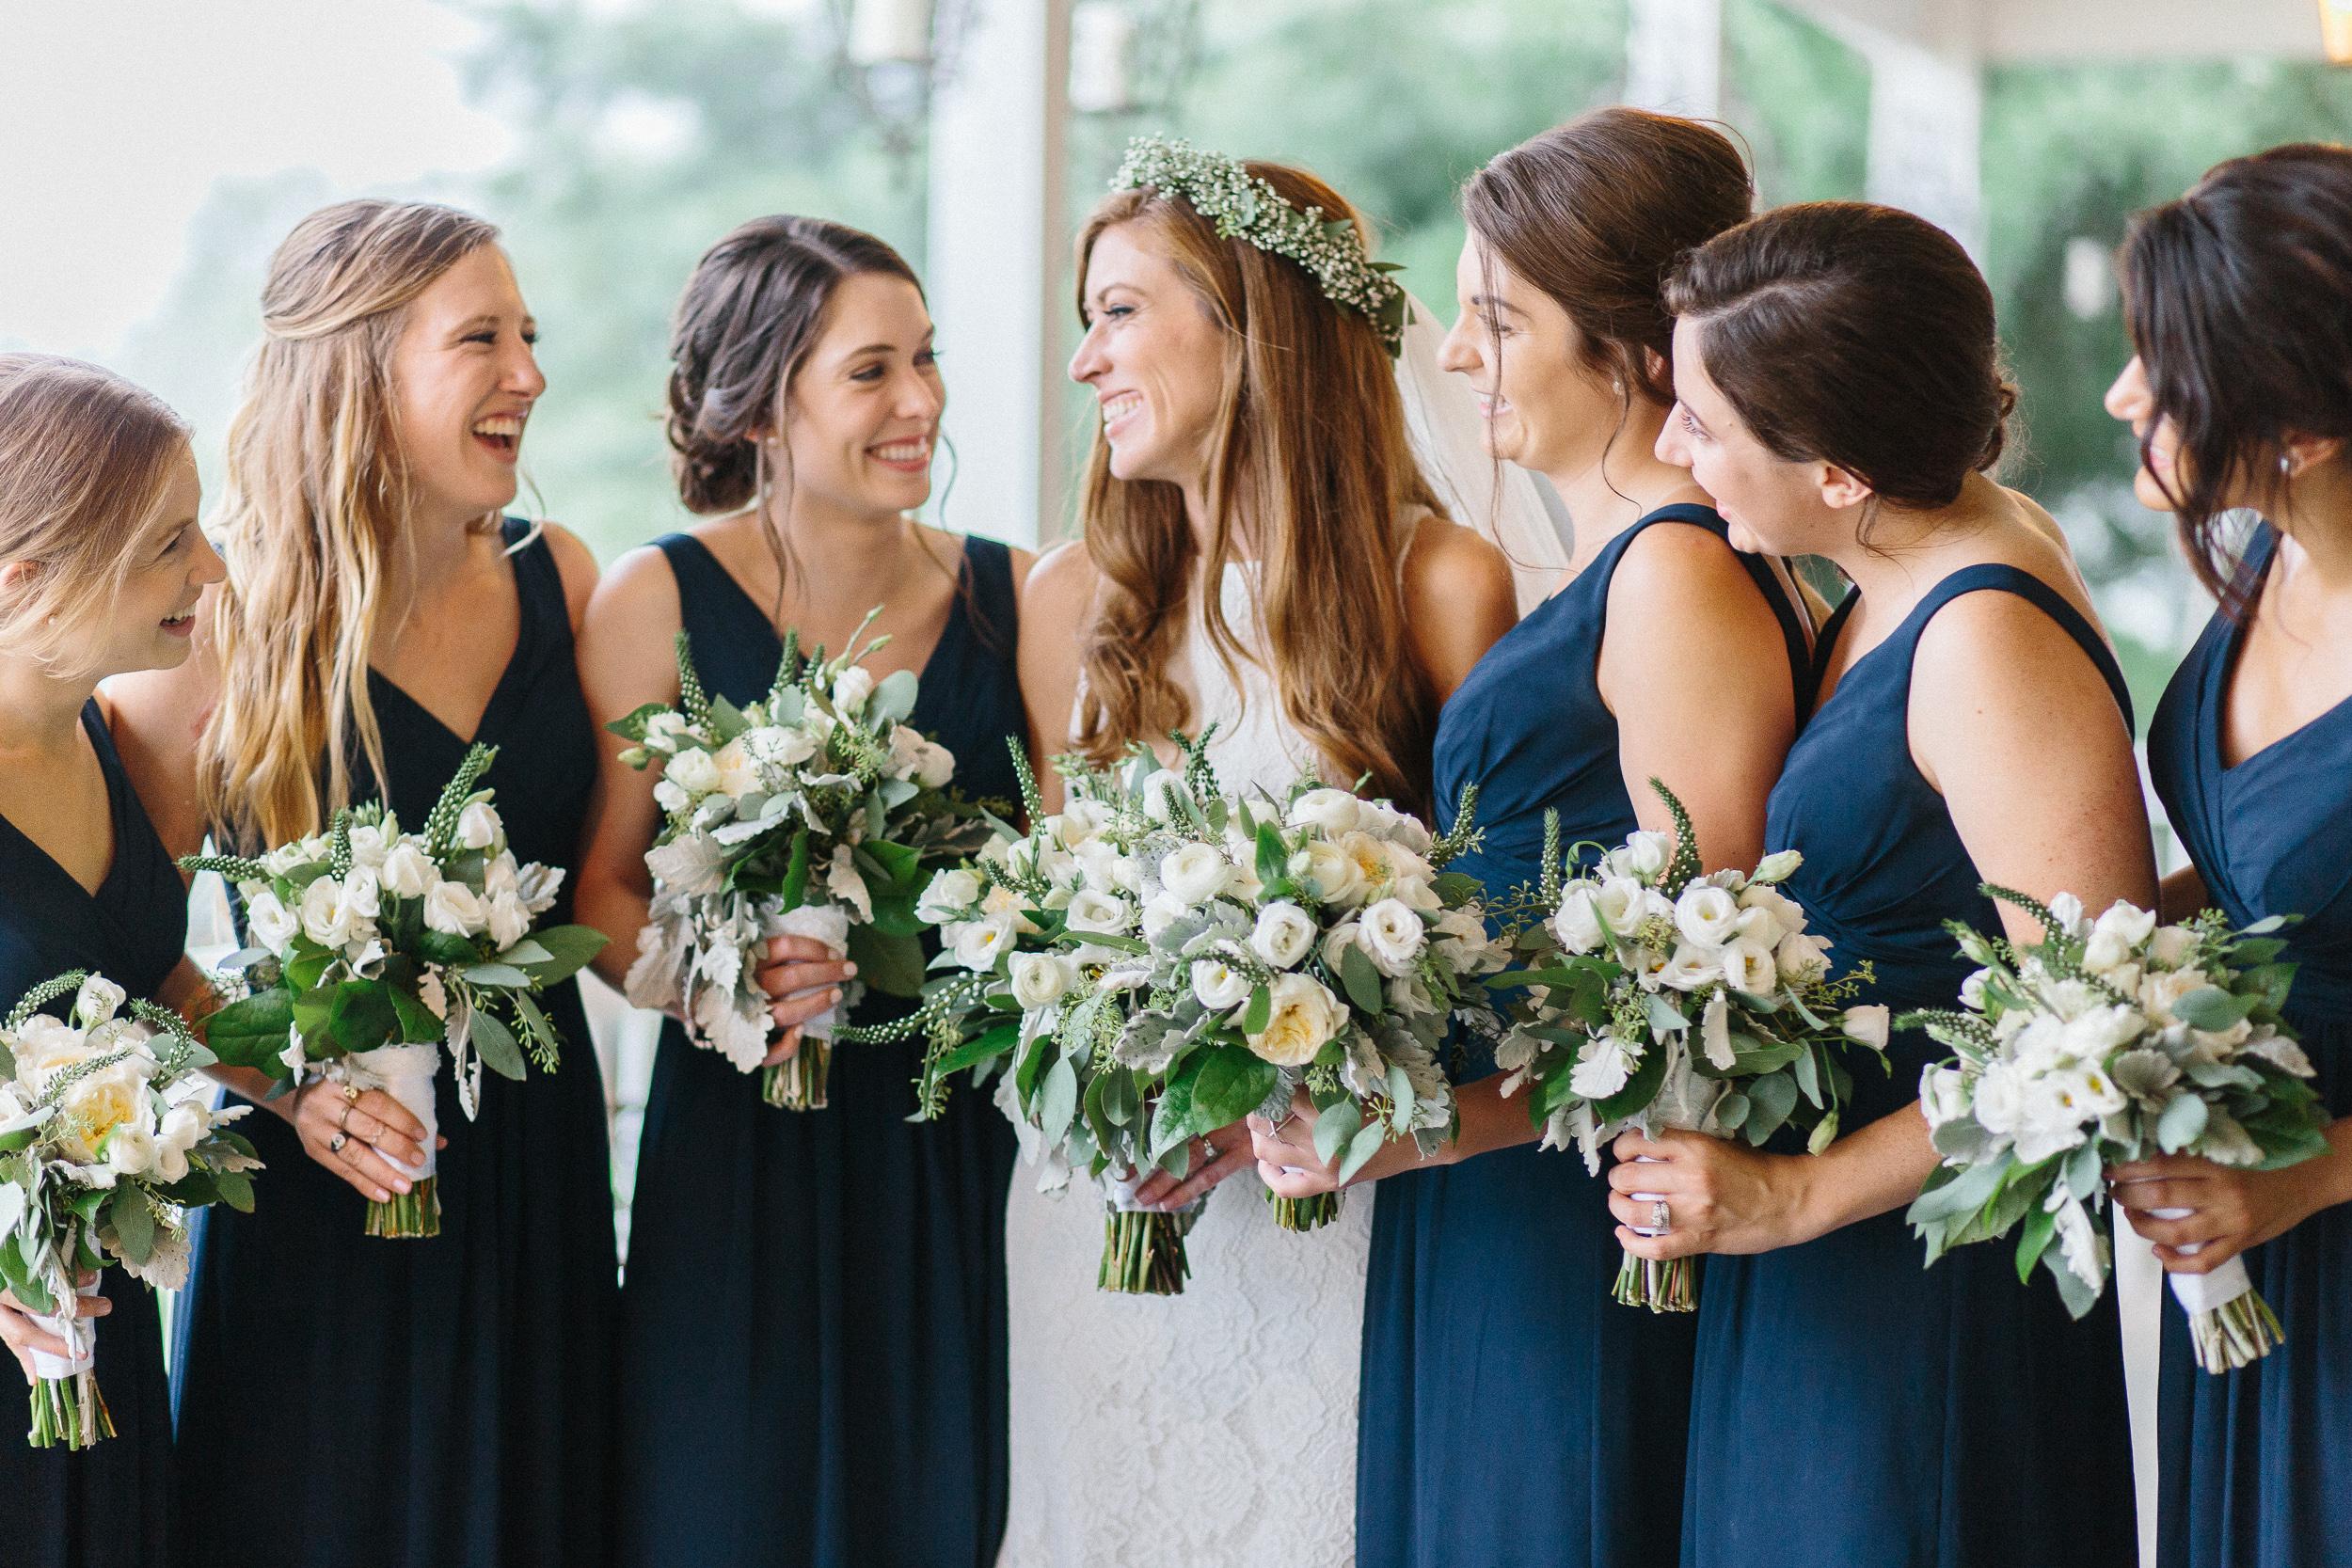 bride-and-bridesmaids-at-wedding-reception-bluemont-virginia